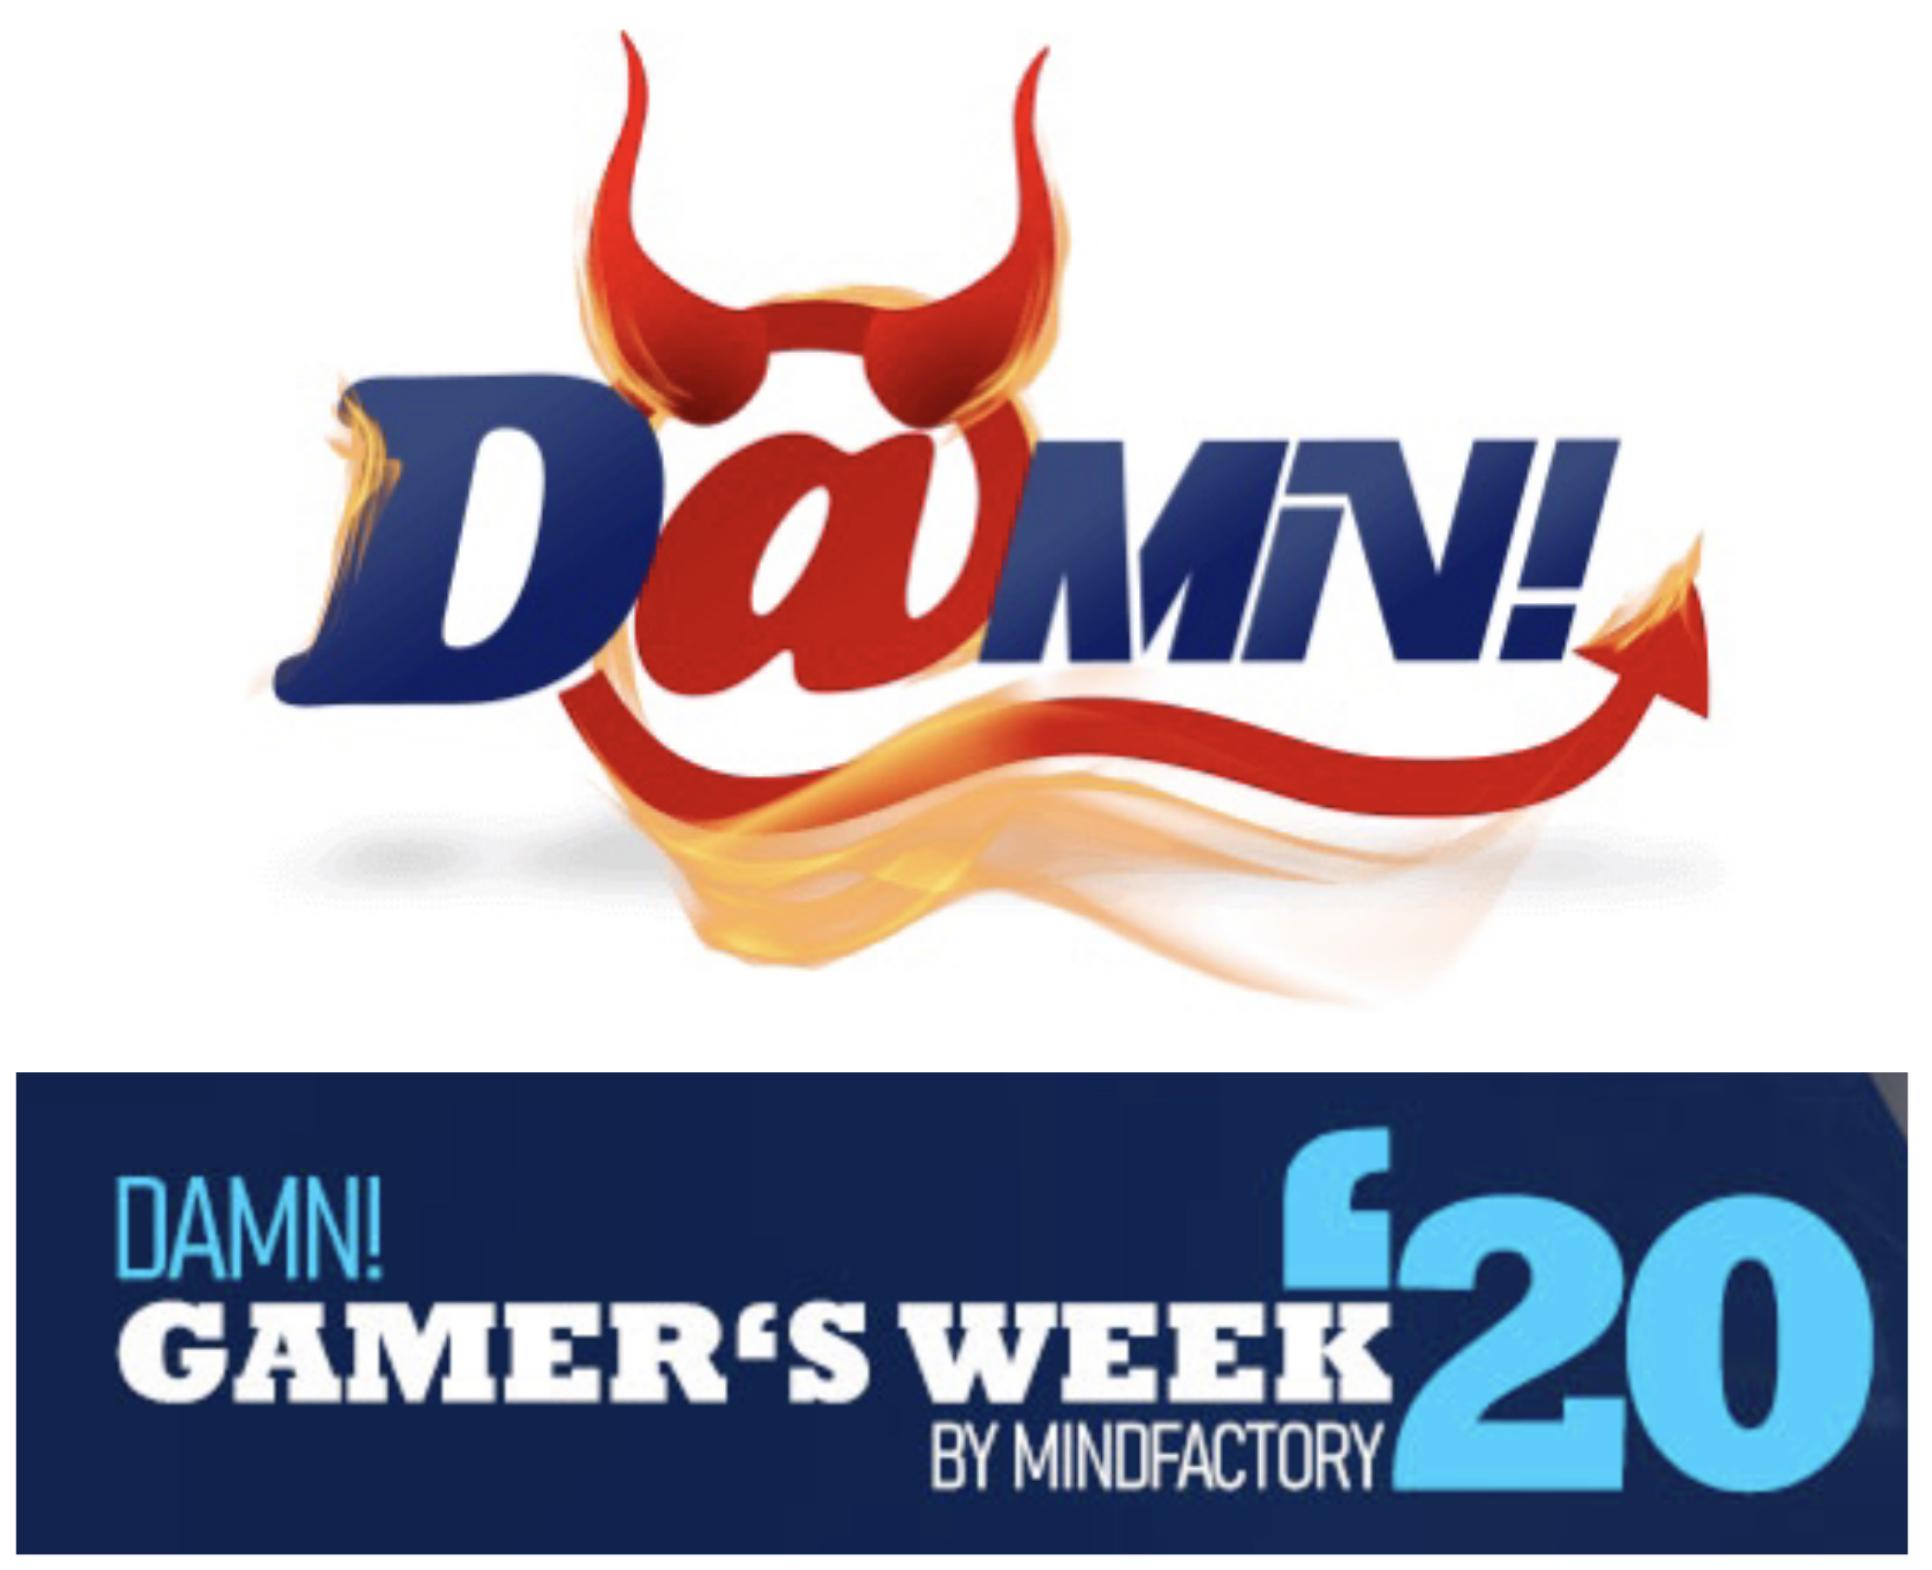 DAMN! Gamers Week 2020 bei Mindfactory mit vielen Angeboten - z.B. AMD Ryzen 7 3800XT für 337,99€ inkl. Versandkosten und weitere